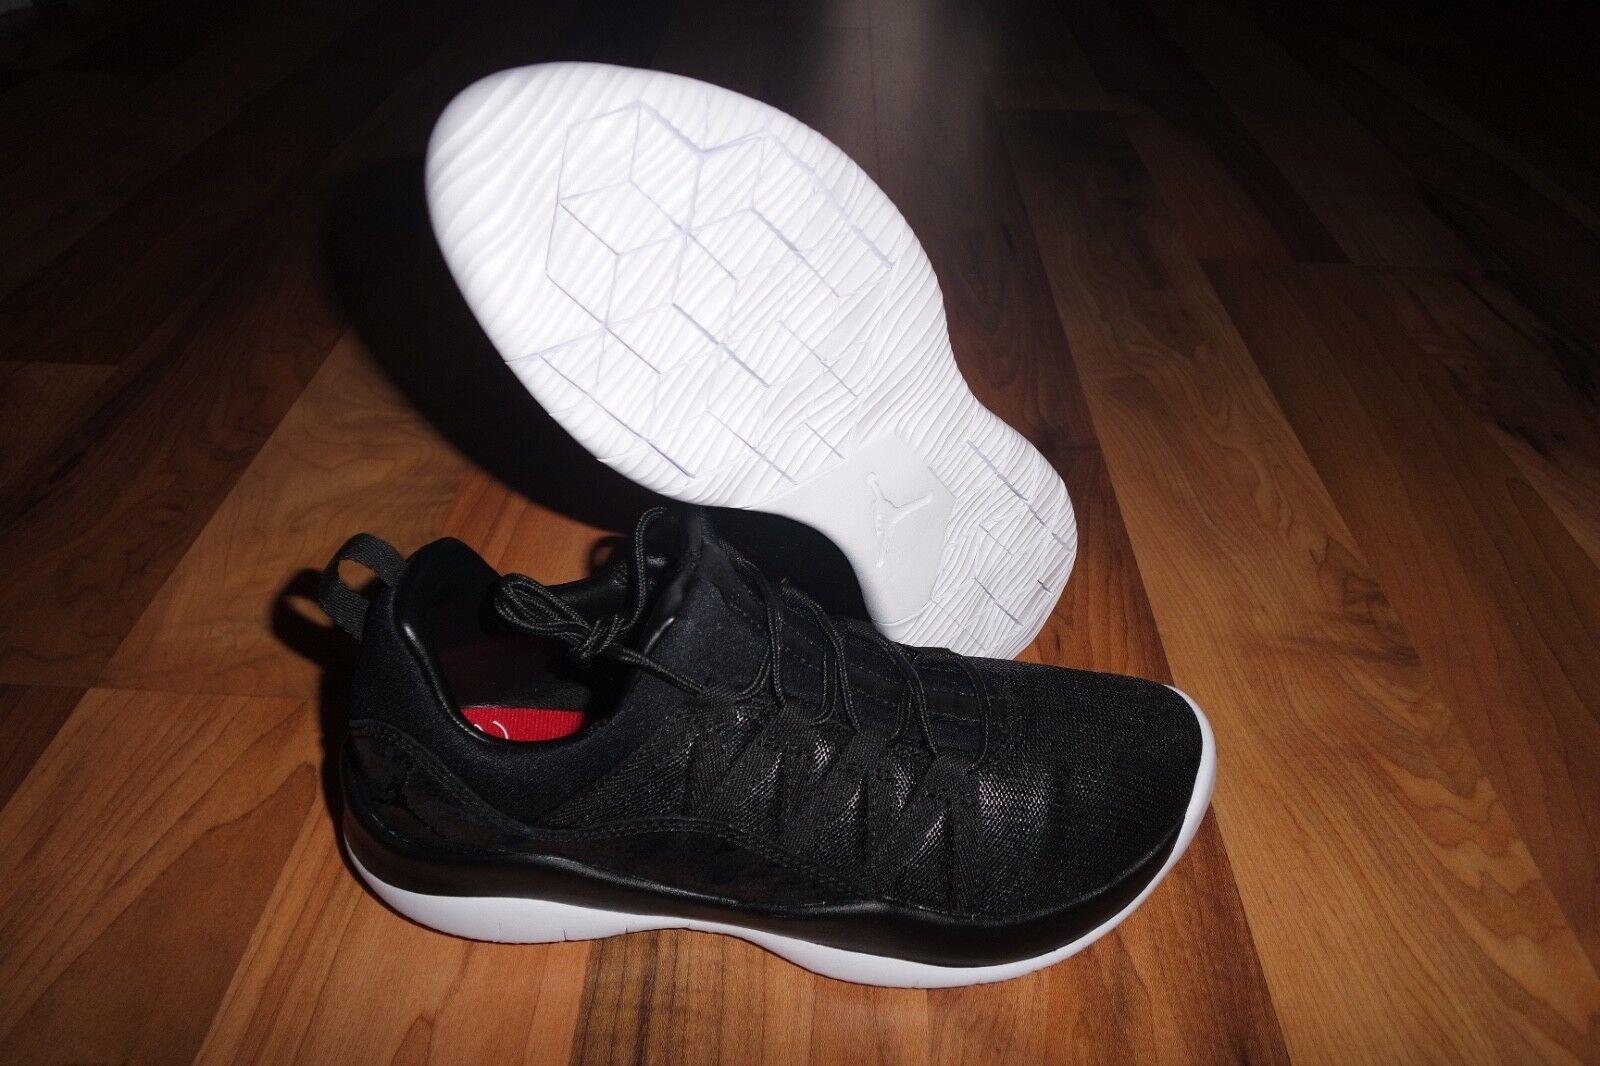 Jordan DECA Fly Prem Prem Prem HC GG héritière Collection Chaussures Pointure 5Y 6.5 UE 37.5 5090fc